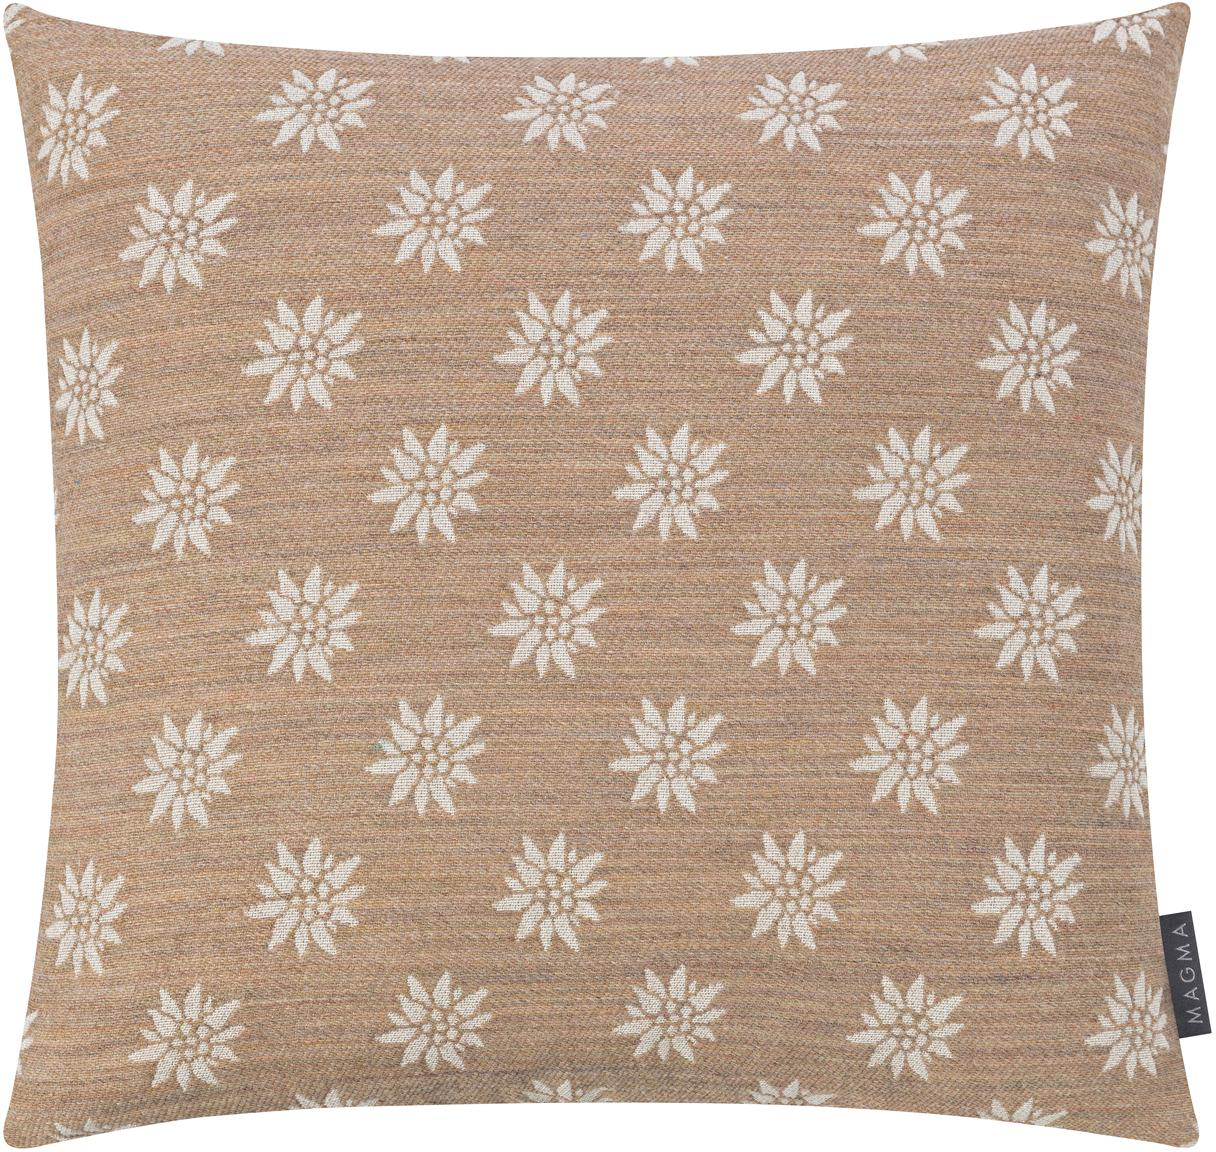 Kissenhülle Leonie mit Blumen-Muster, Vorderseite: 31%Polyester, 29%Baumwo, Webart: Jacquard, Rückseite: Polyestersamt, Sandfarben, Beige, 50 x 50 cm